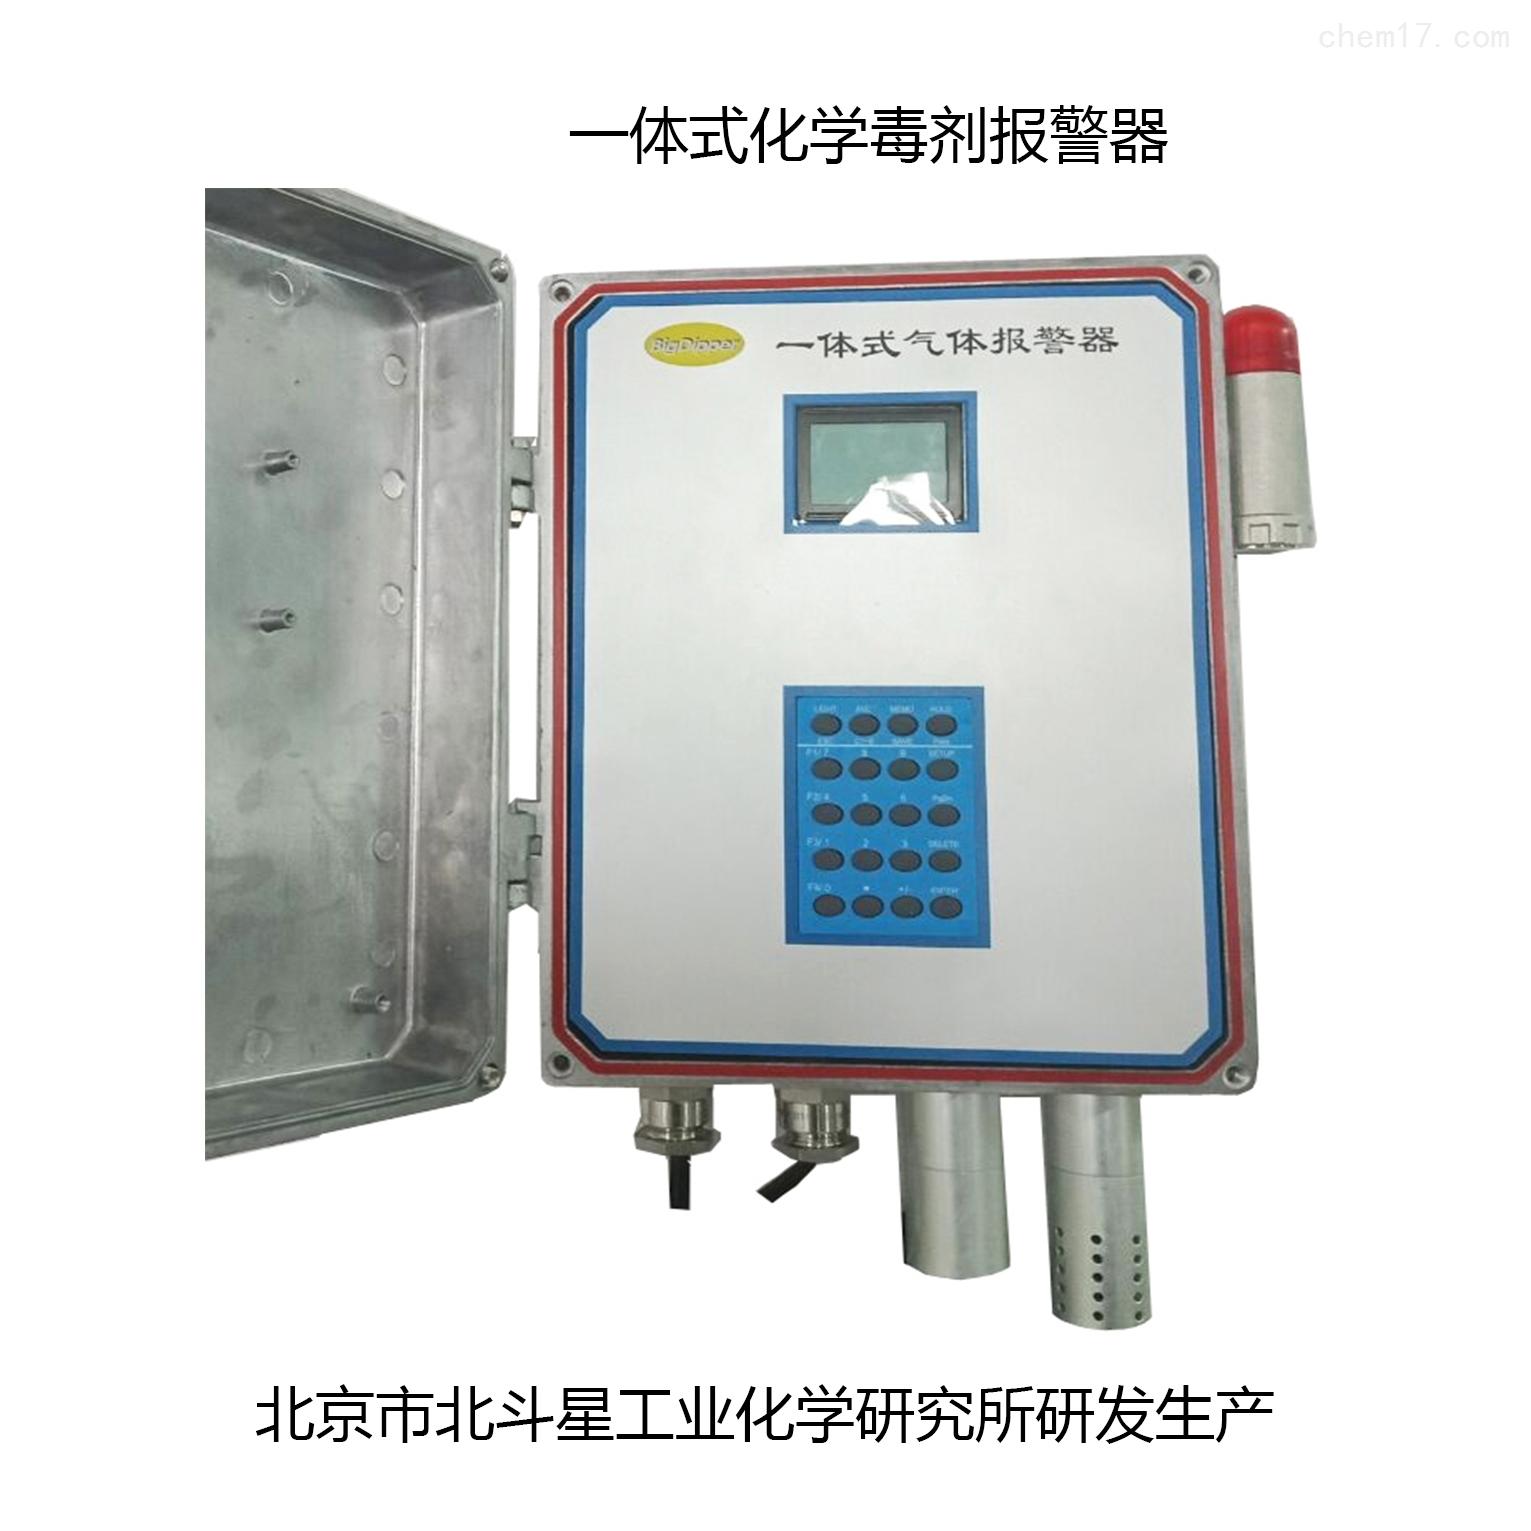 空气质量在线监测仪